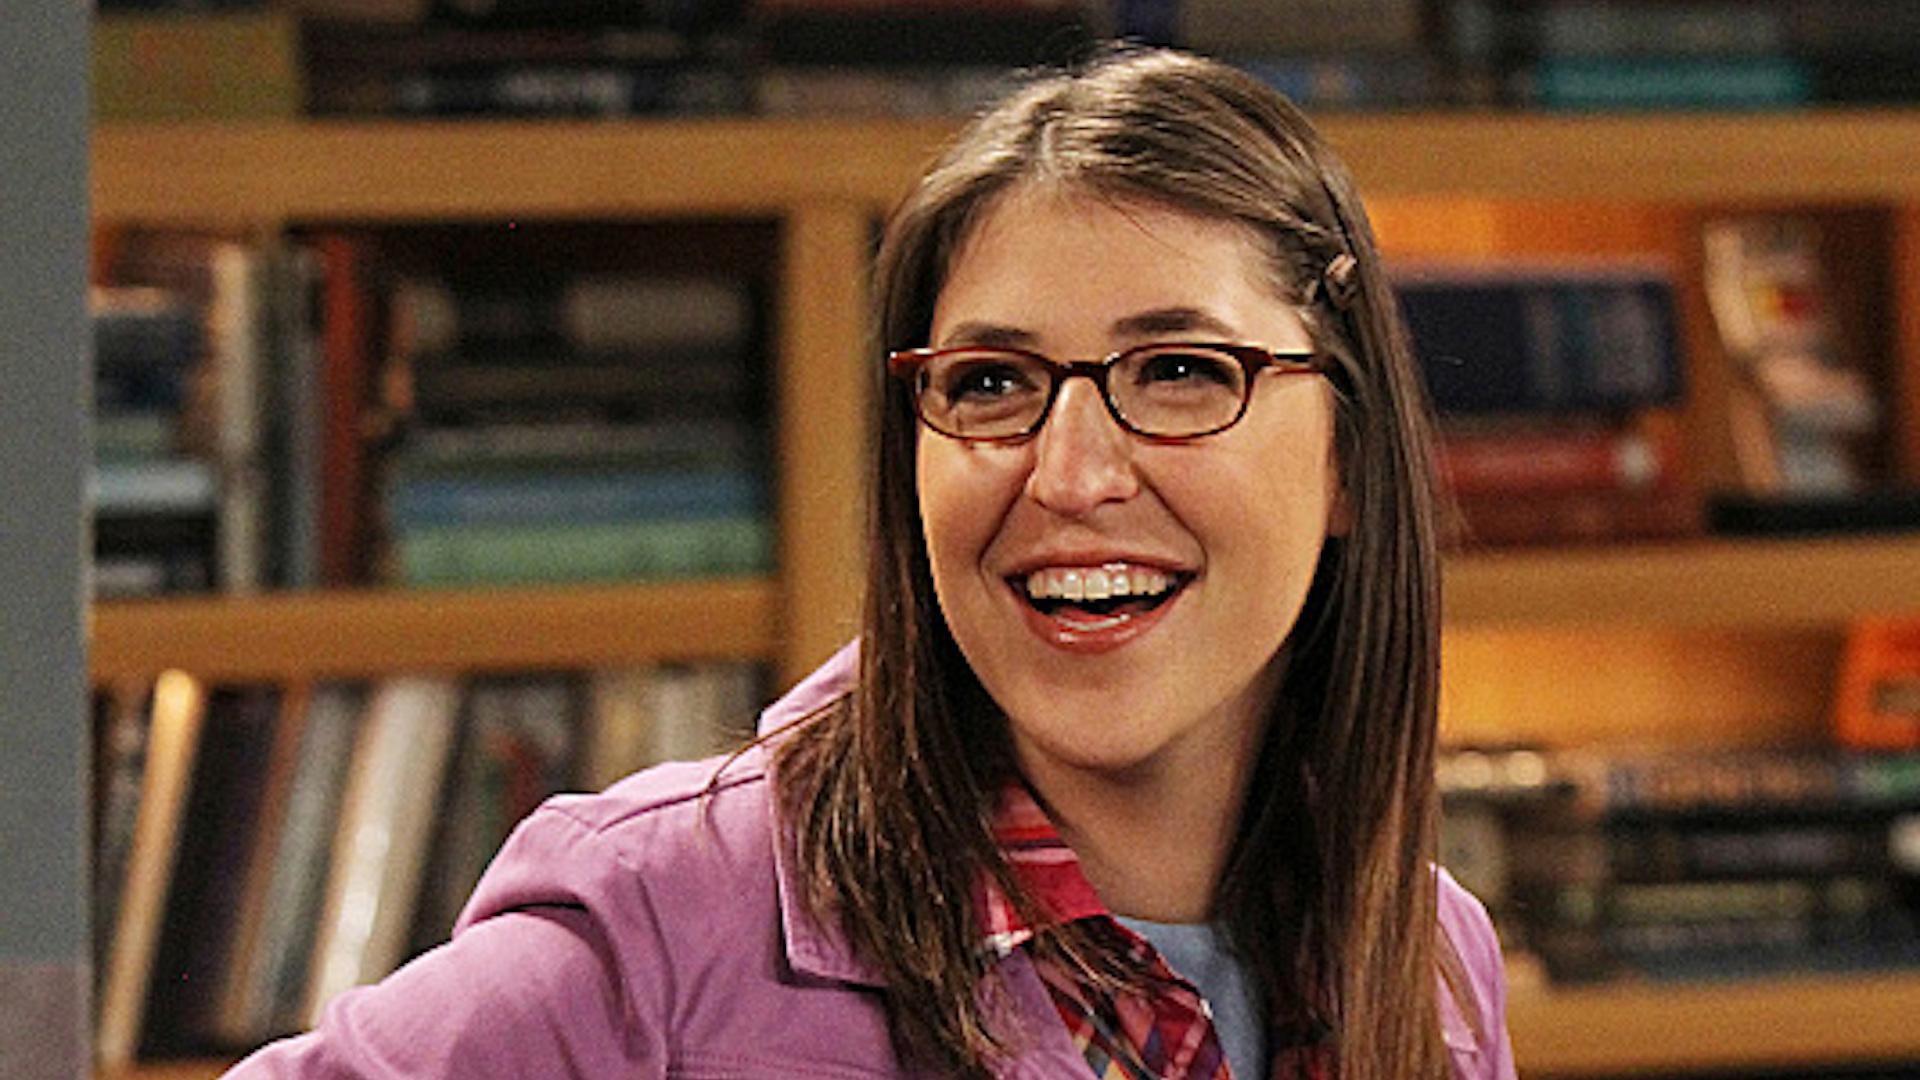 Mayim Bialik from The Big Bang Theory